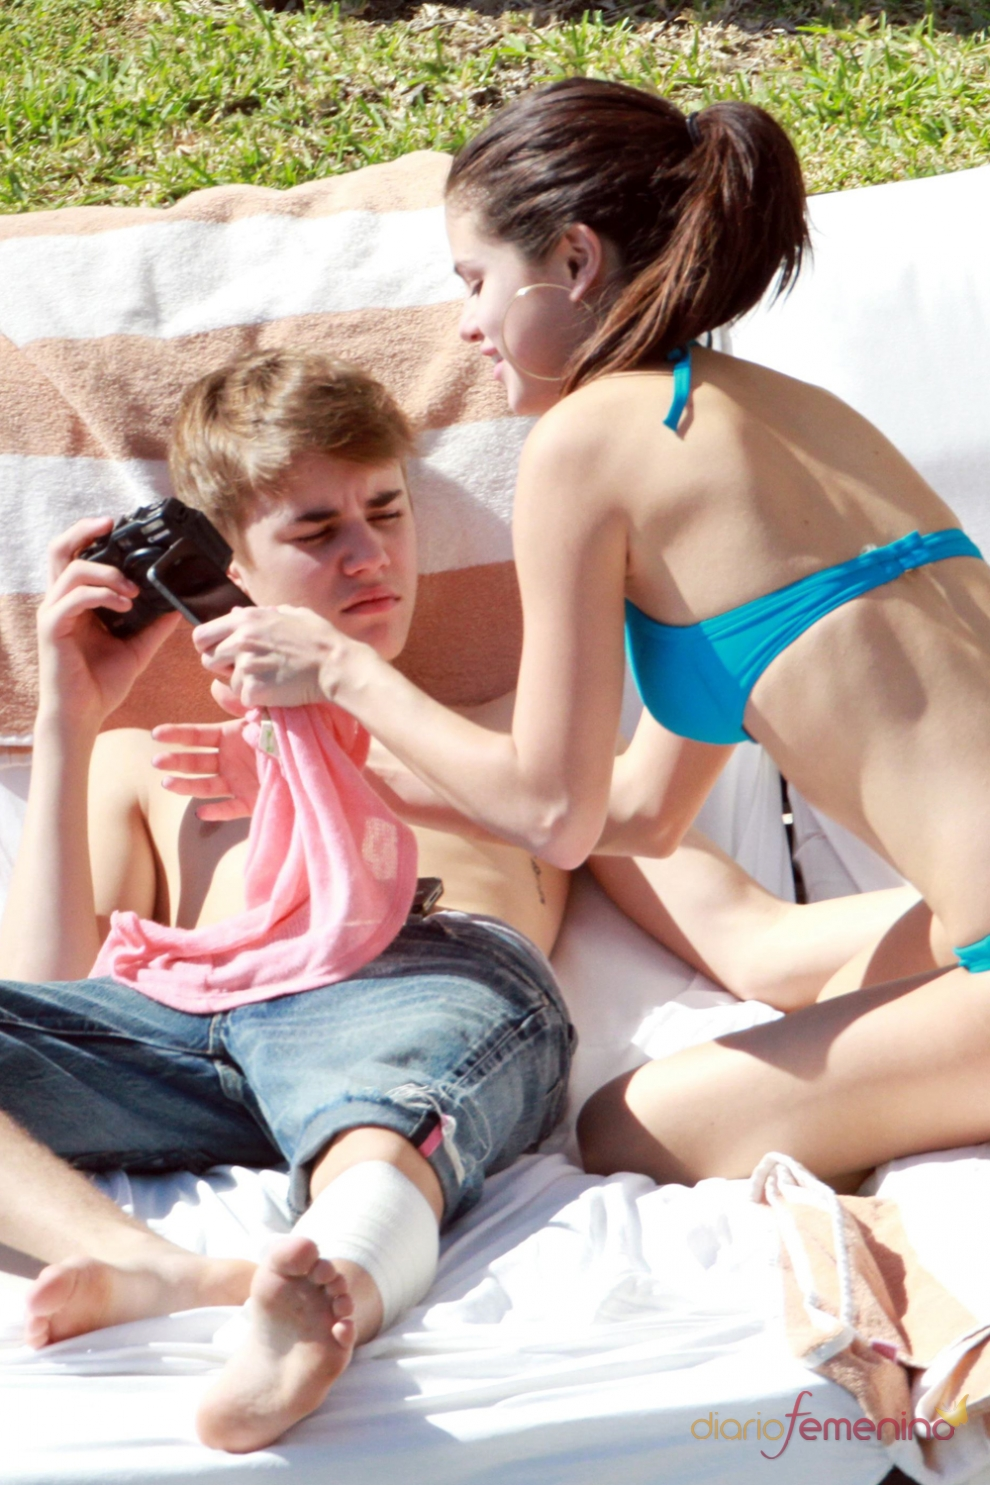 Fotos sexy de Justin Bieber